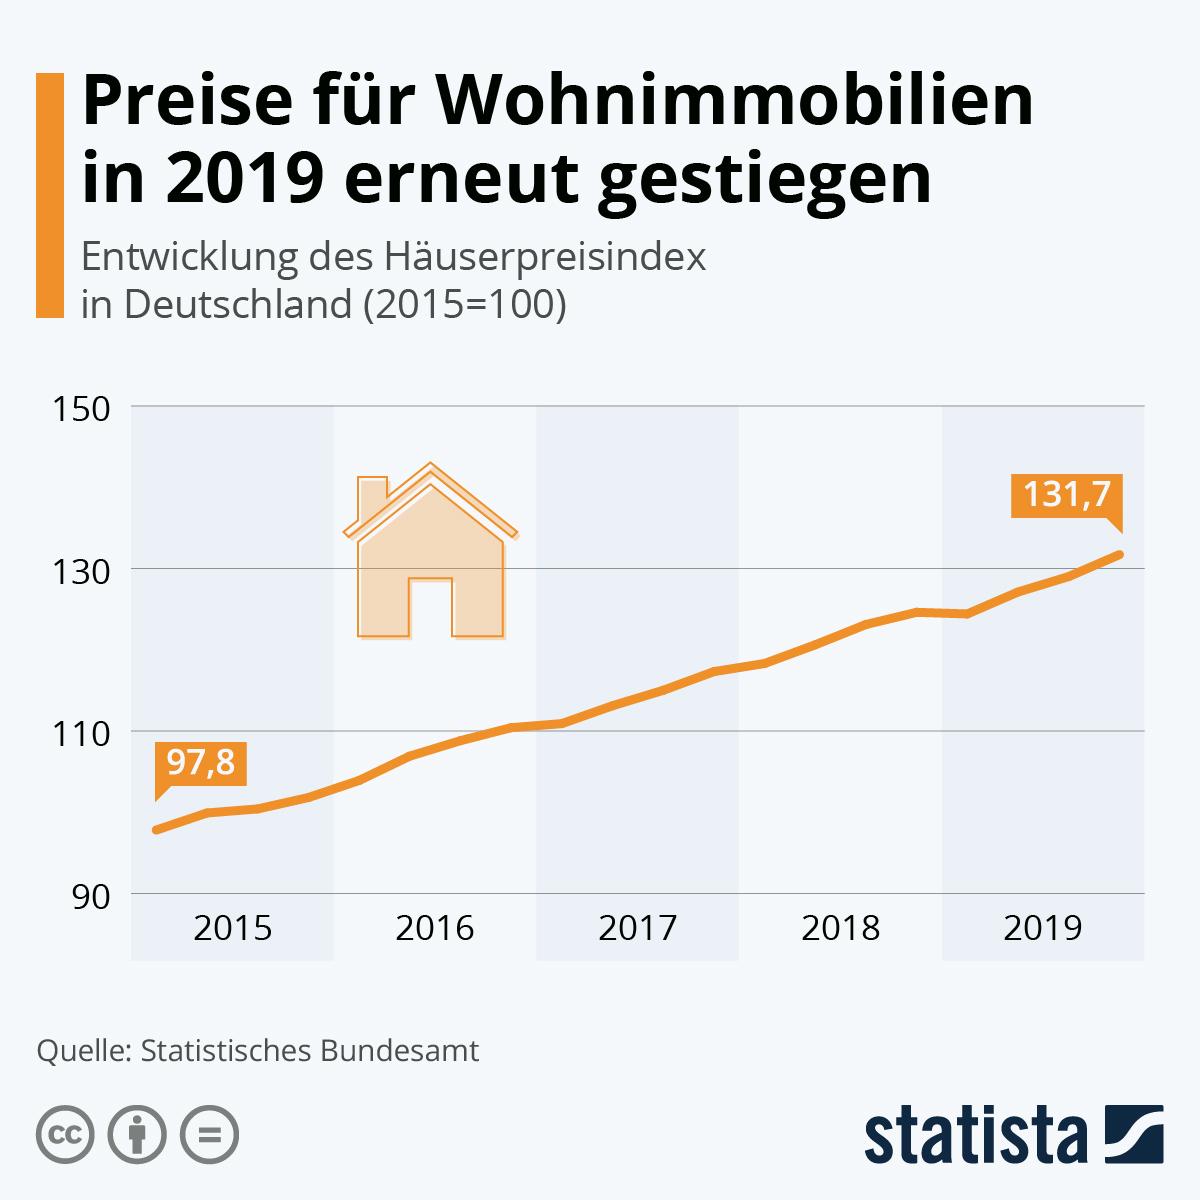 Infografik: Preise für Wohnimmobilien in 2019 erneut gestiegen | Statista